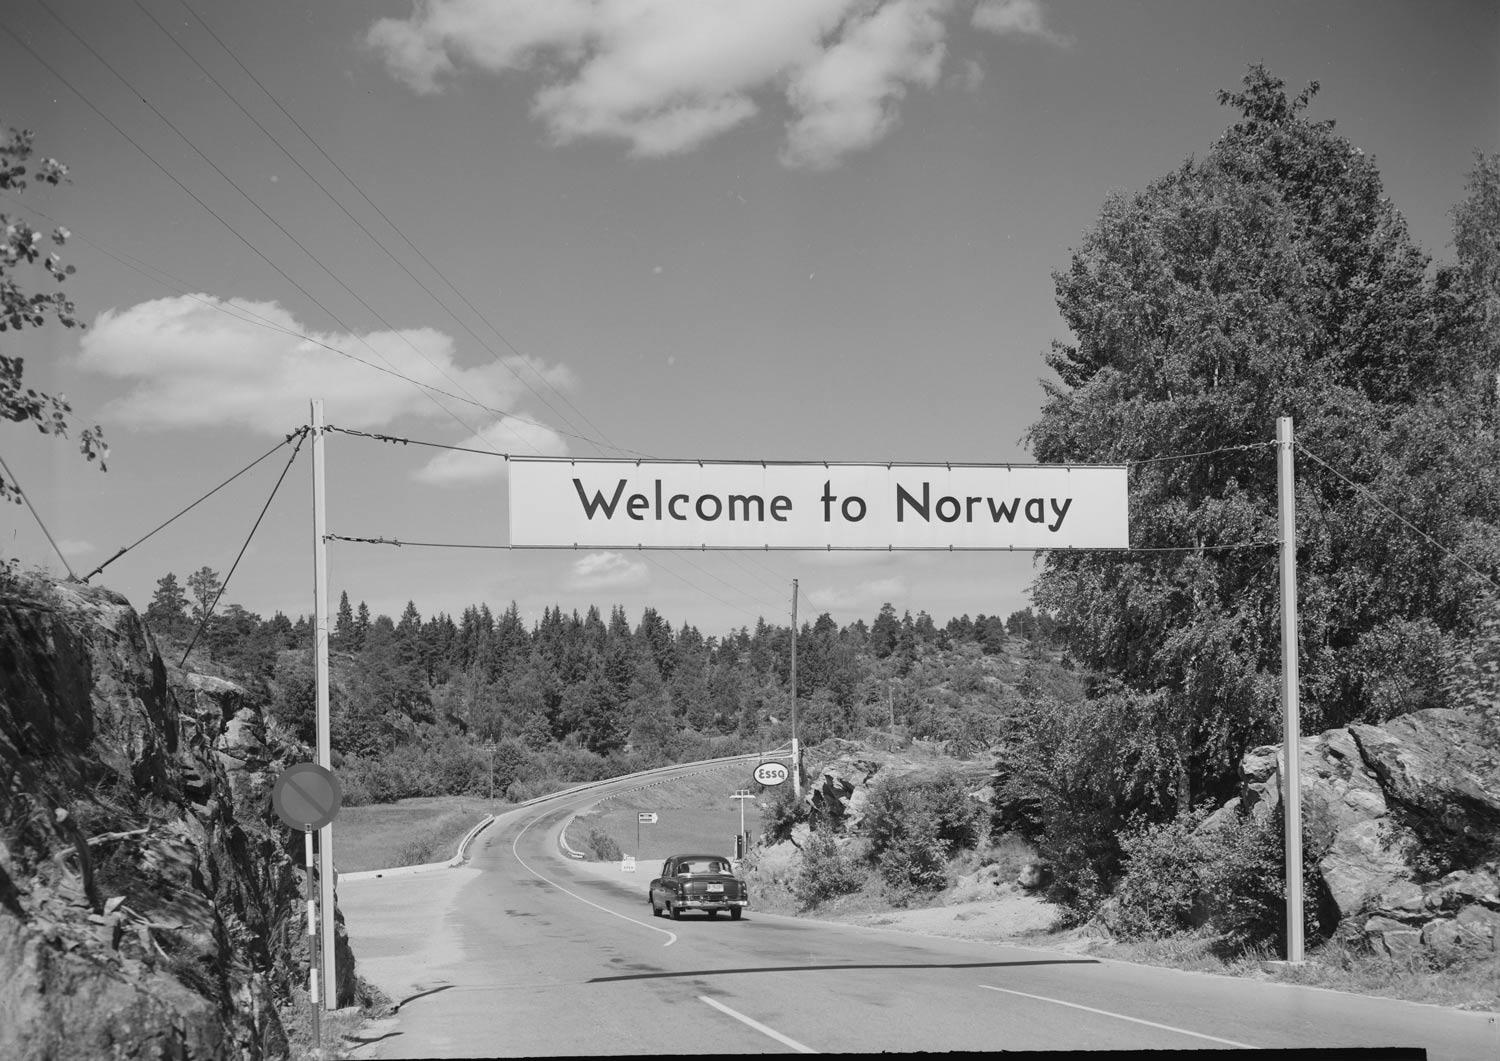 Slik var den koselige ankomsten til Norge tidligere. Bildet er fotografert en gang på 1950-tallet. Fotograf: Jac Brun